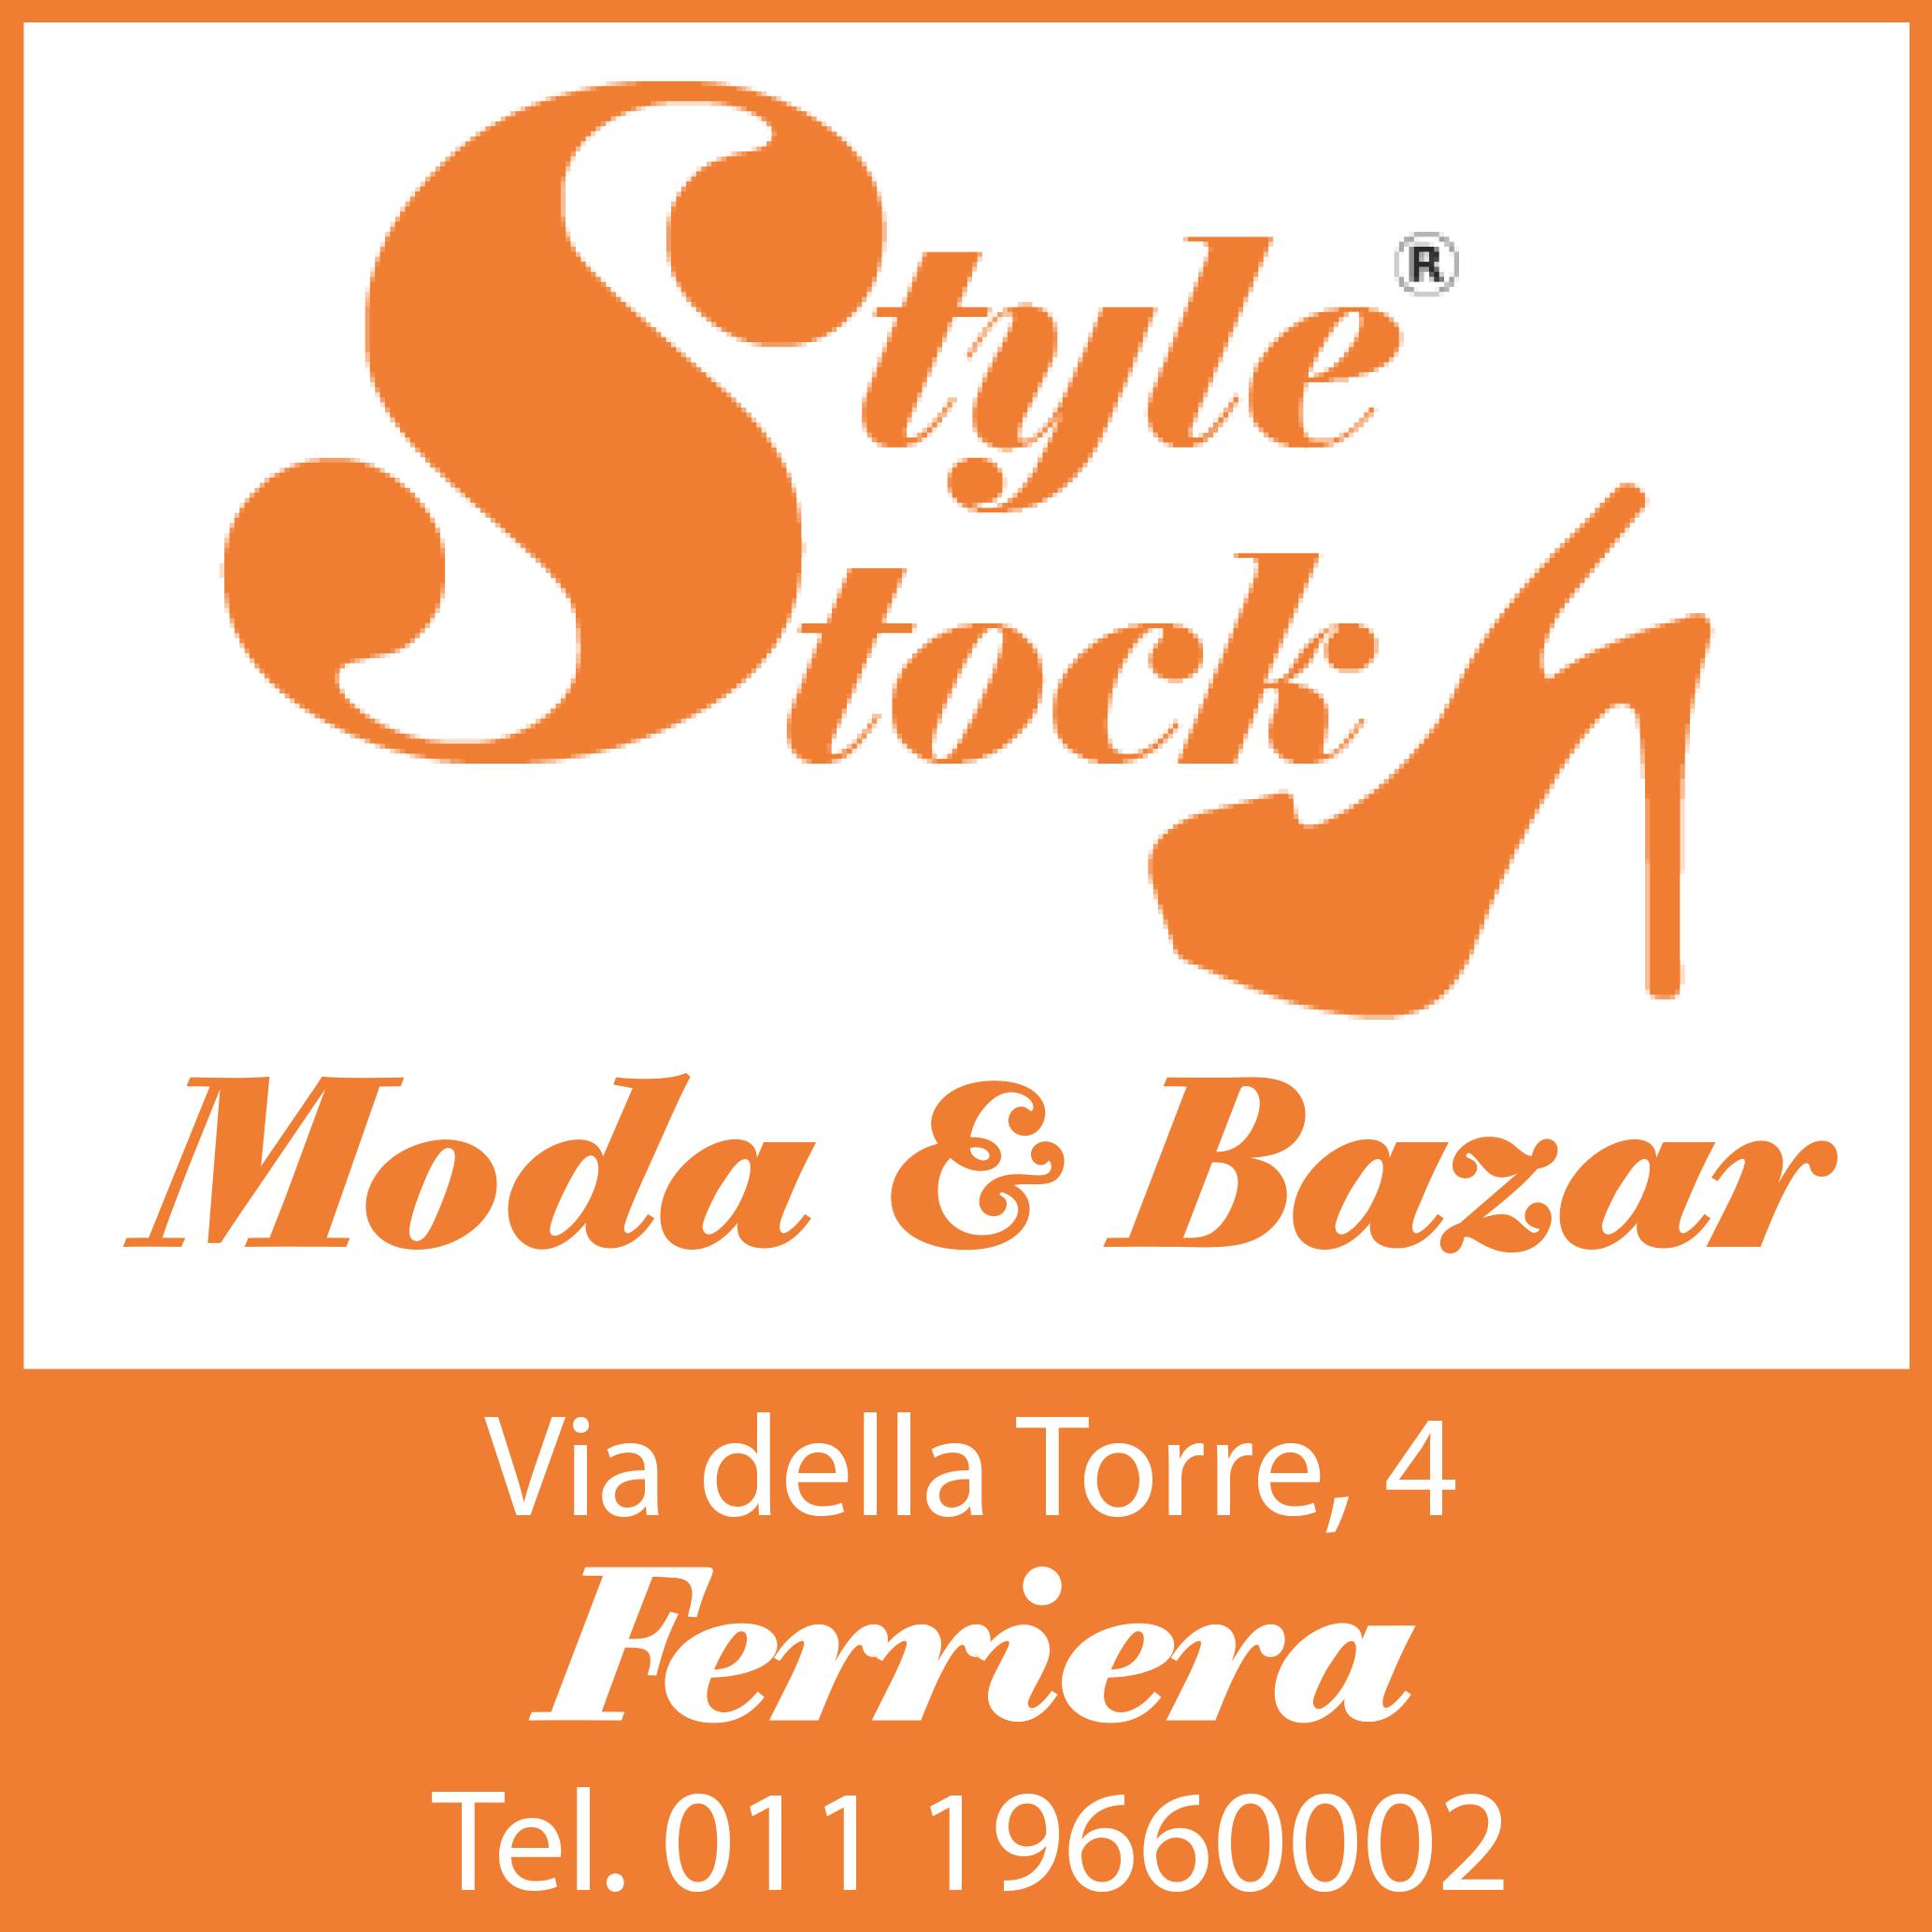 STYLE STOCK